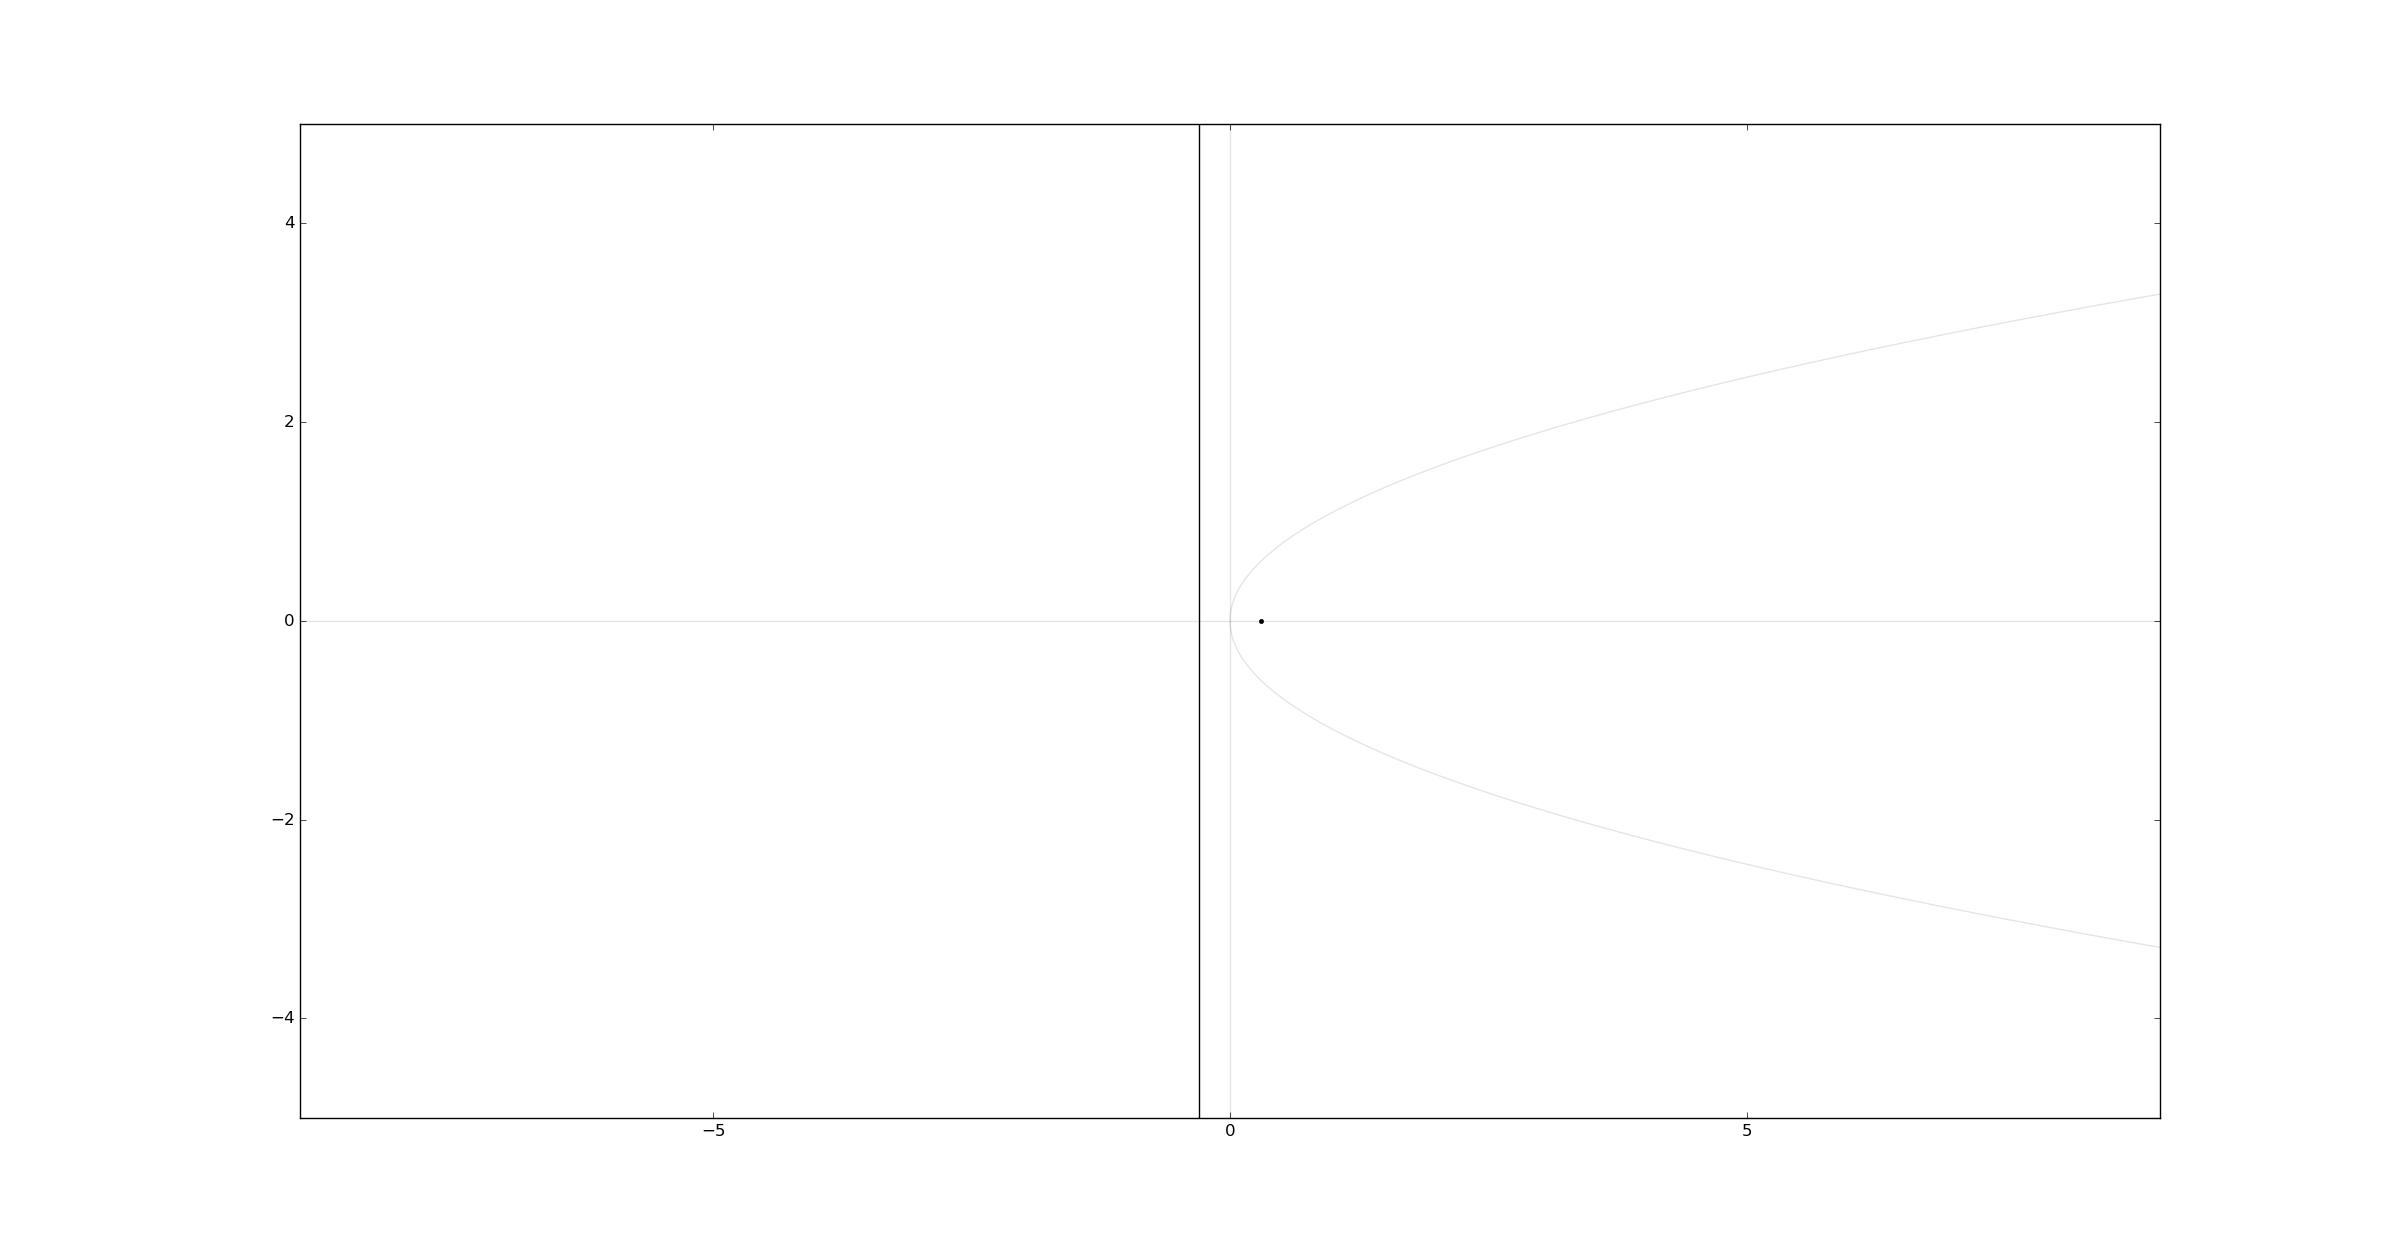 Python Matplotlib parabola